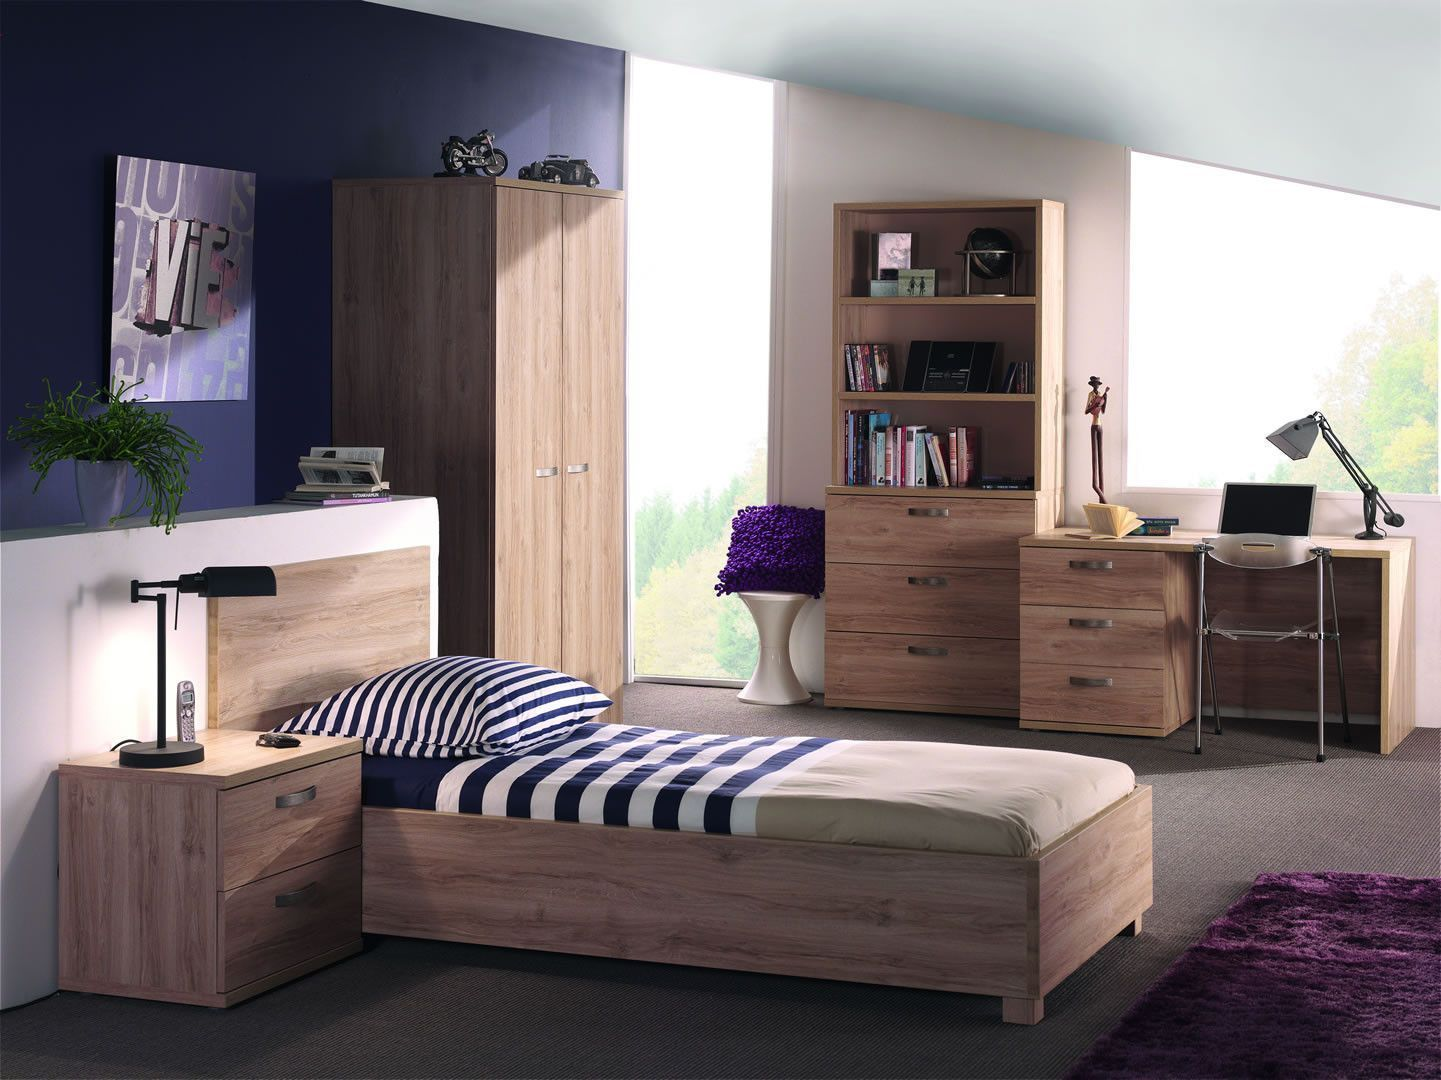 Chambres enfant complète - Chambre à coucher complète enfant coloris ...